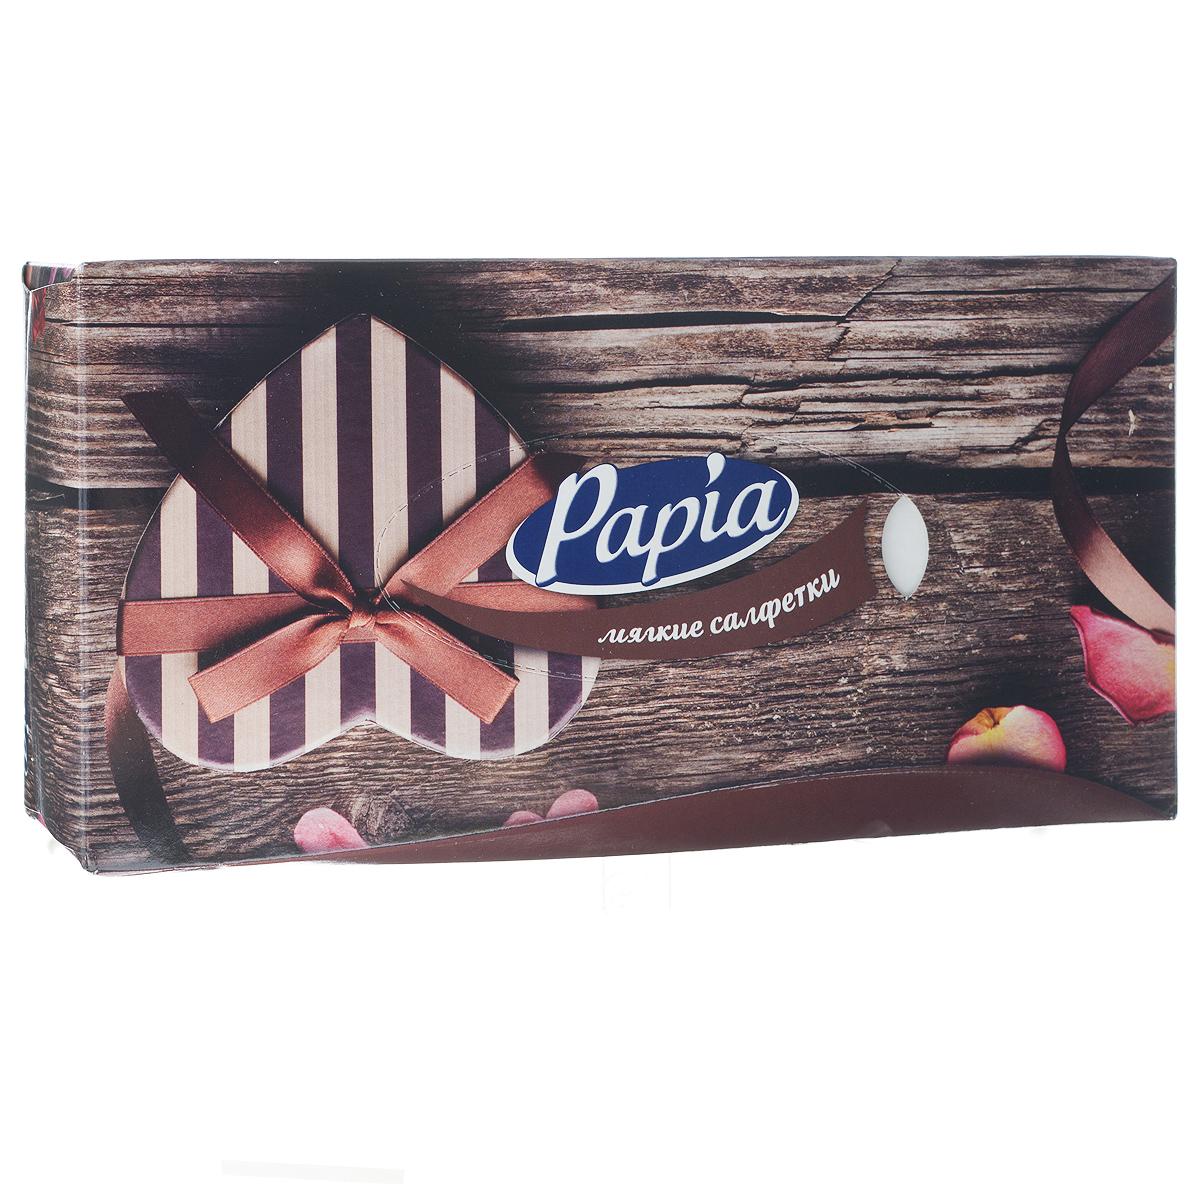 Салфетки бумажные Papia. Love, трехслойные, 21 x 21 см, 80 штIRK-503Трехслойные салфетки Papia. Love выполнены из 100% целлюлозы. Салфетки подходят для косметического, санитарно-гигиенического и хозяйственного назначения. Нежные и мягкие, они удивят вас не только своим высоким качеством, но и внешним видом. Изделия упакованы в коробку, поэтому их удобно использовать дома или взять с собой в офис или машину. Размер салфеток: 21 см х 21 см.